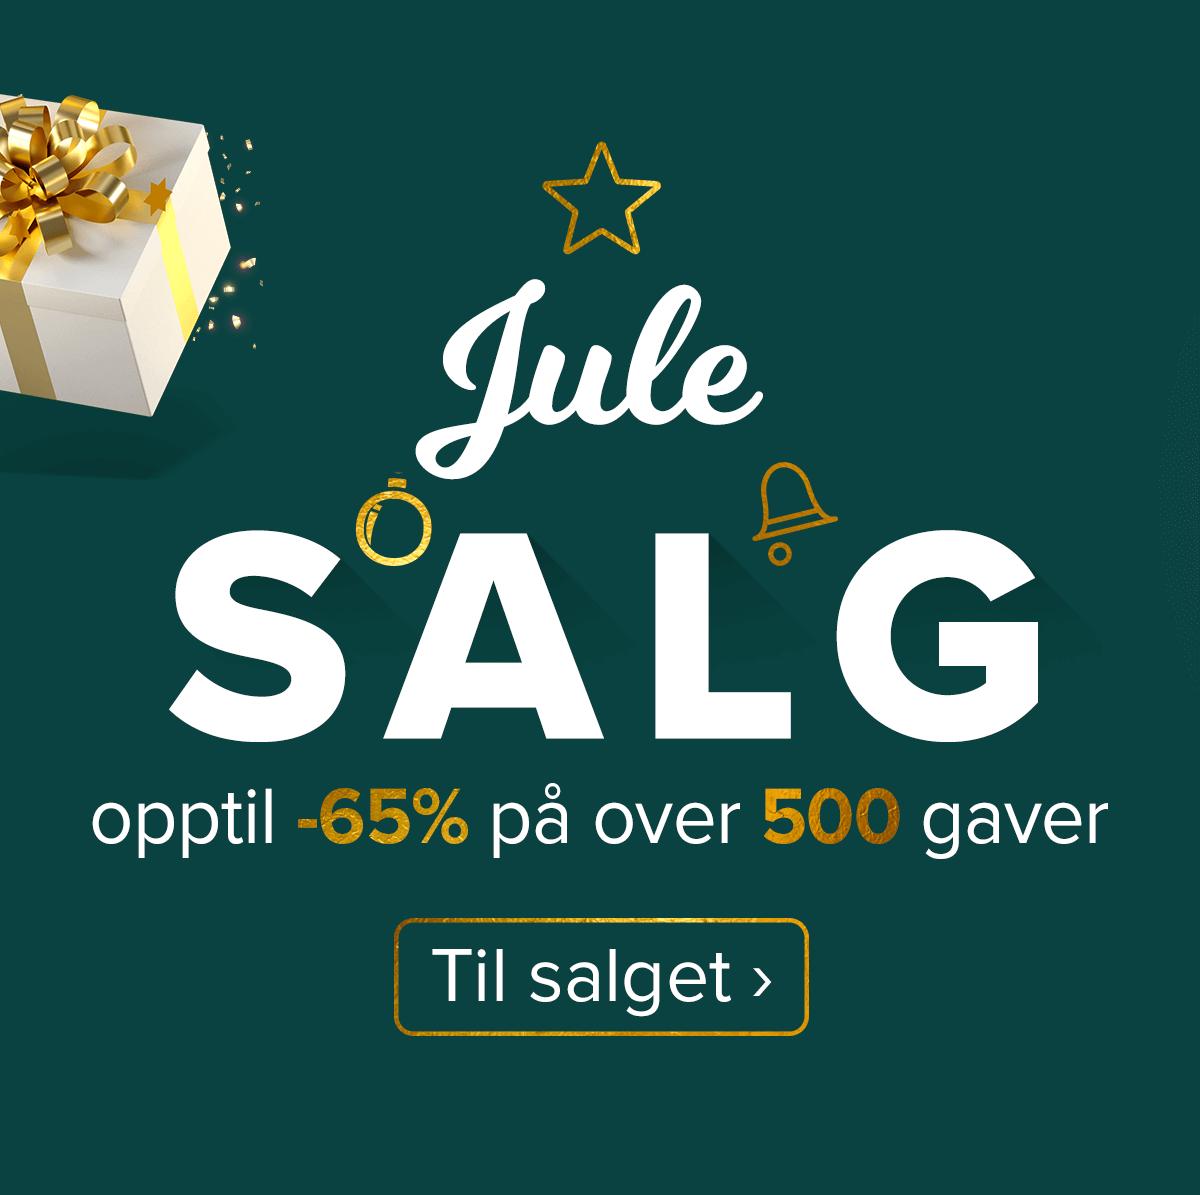 Julesalg – opptil -65% på over 500 gaver!